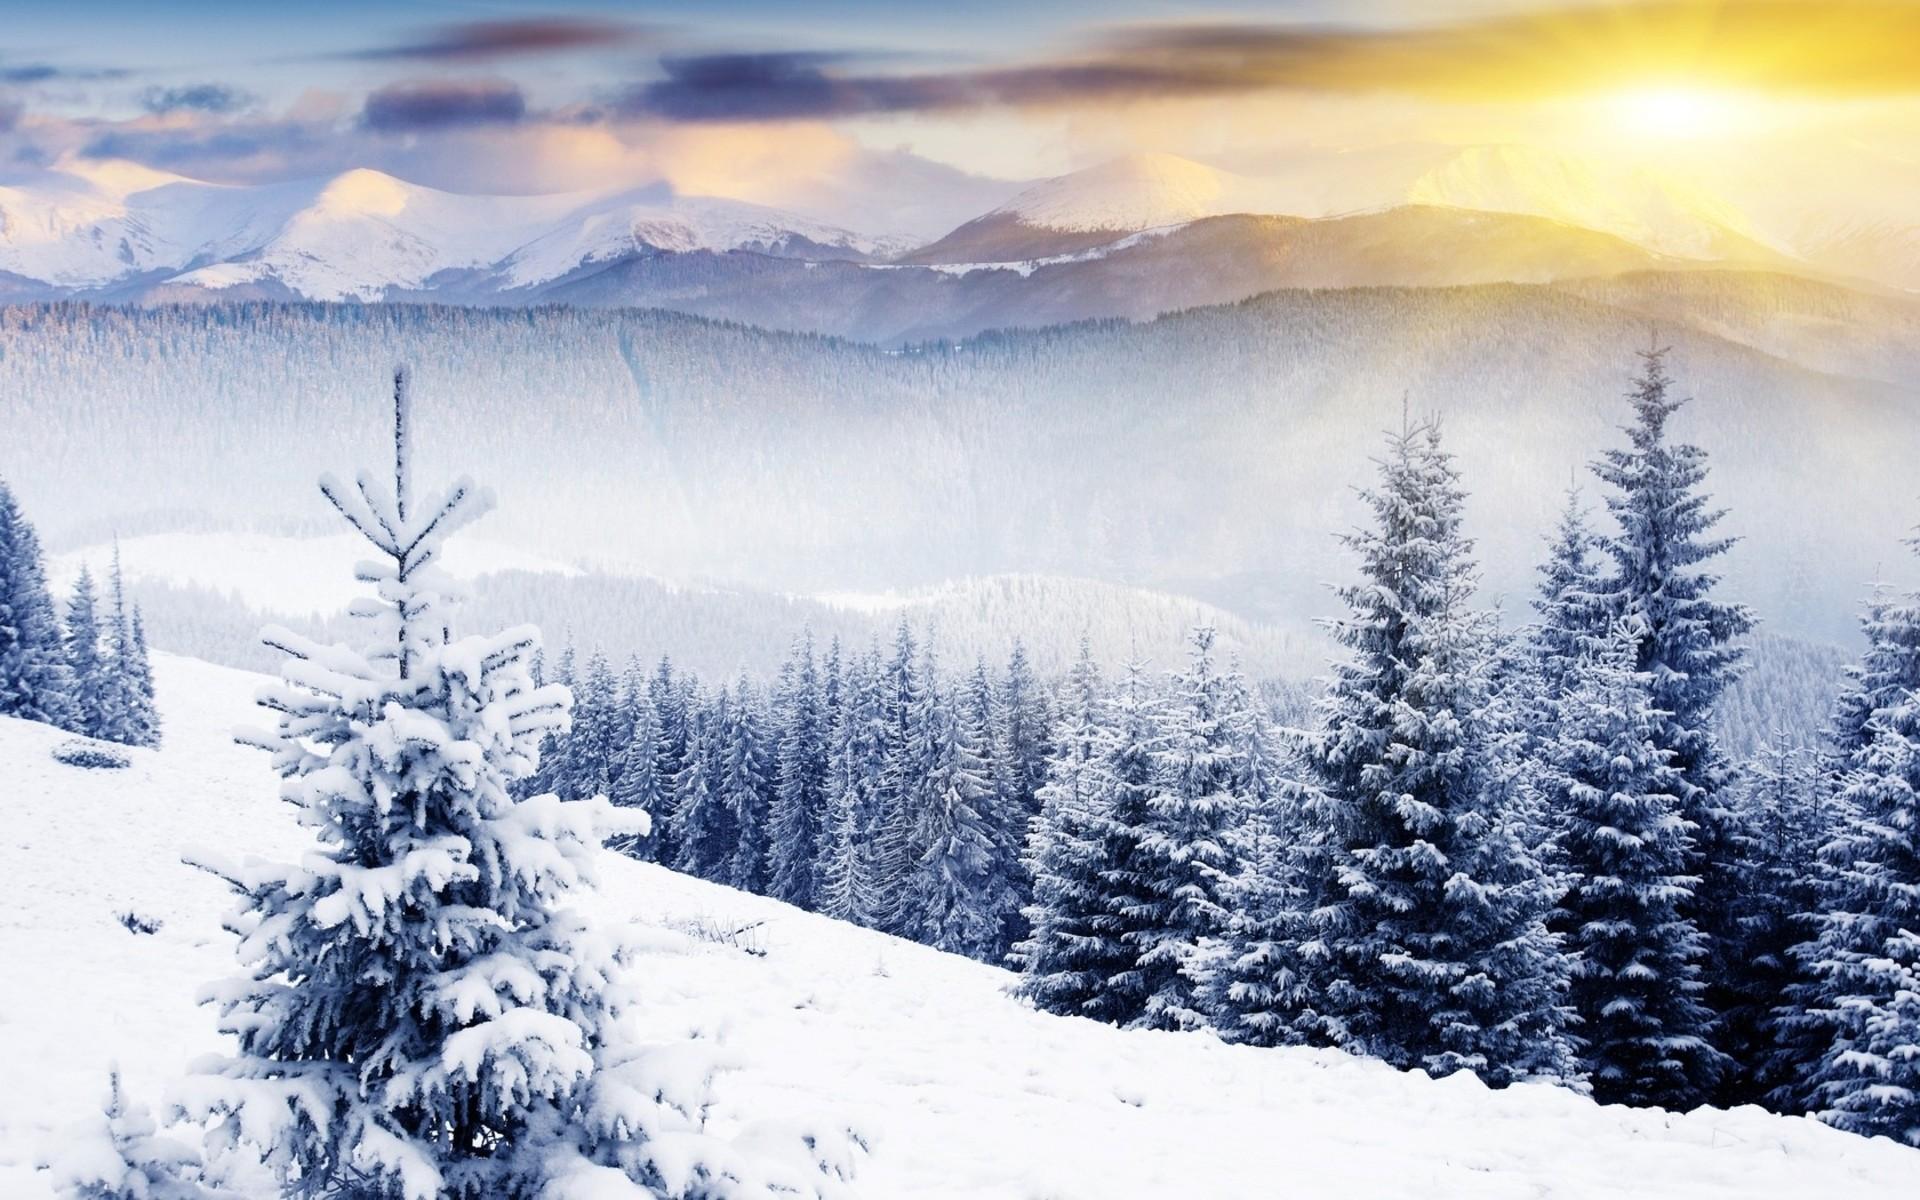 Winter Scenes Desktop Backgrounds (42 Wallpapers)